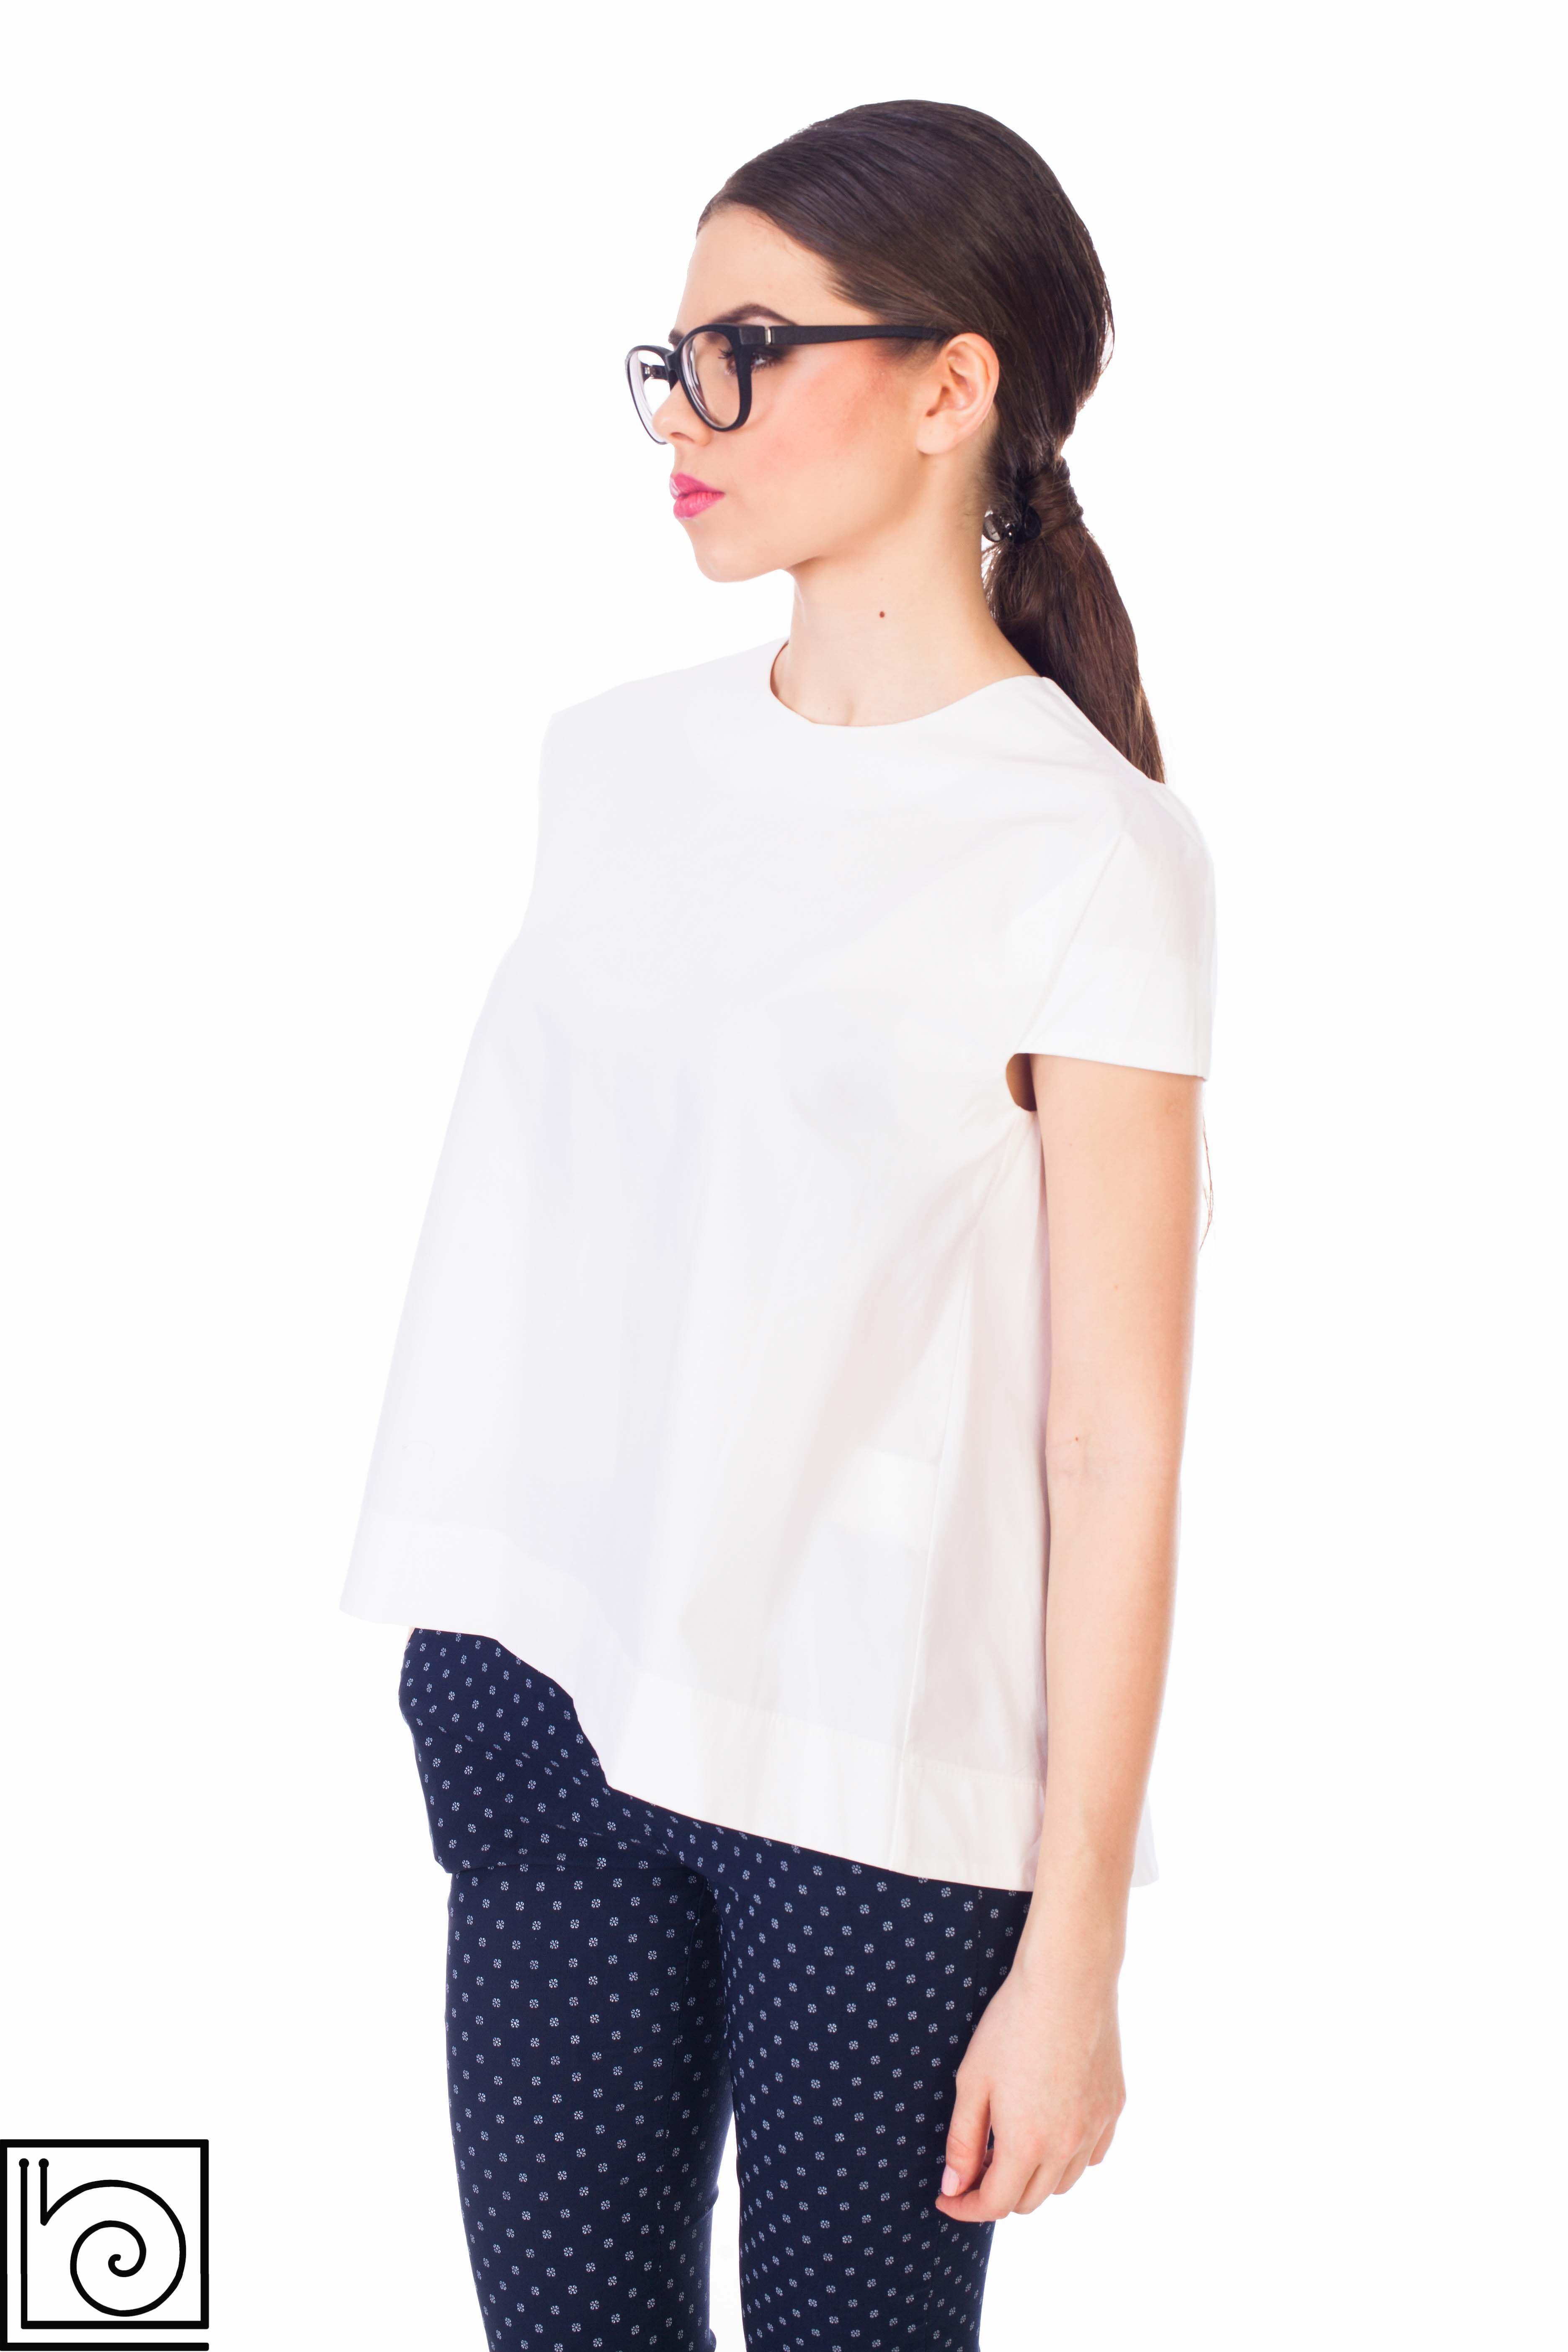 b6e6c8e03c8 Блузка белая расклешенная